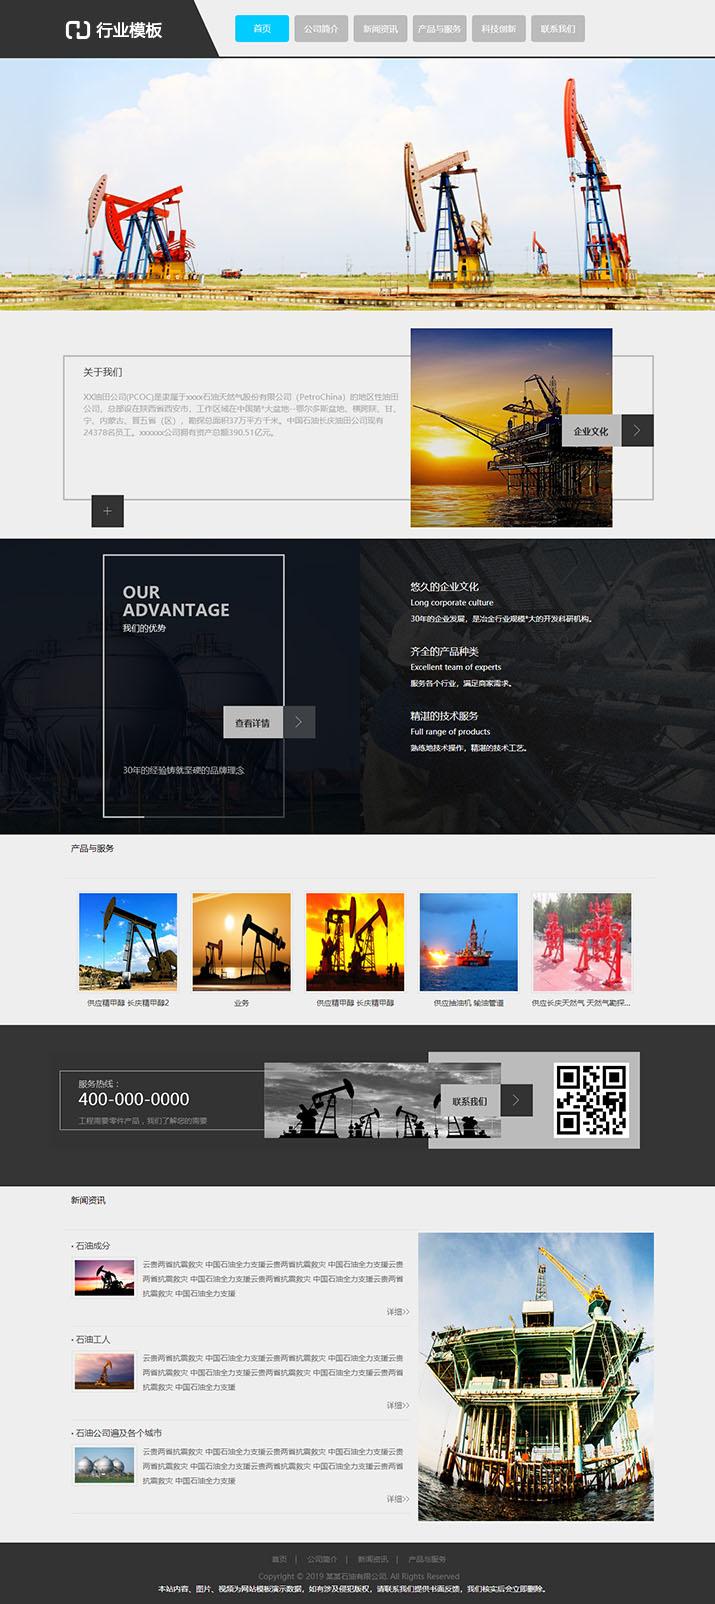 石油天然气公司网站模板